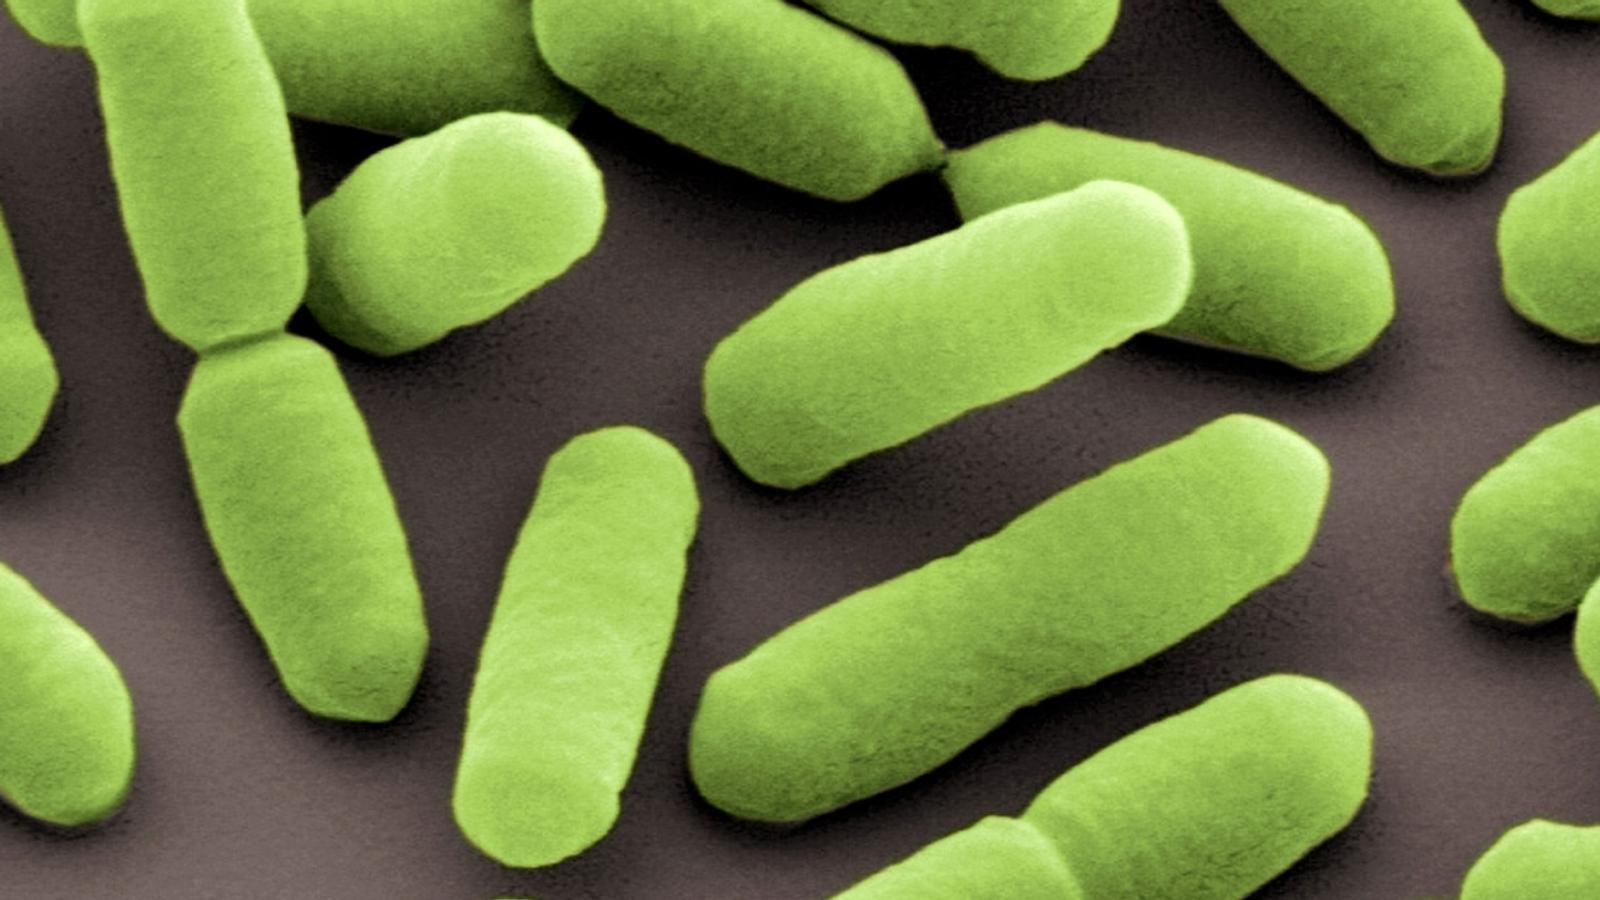 Zwei Menschen sind gestorben, weil sie mit Listerien verseuchte Wurst  gegessen haben. Wo sind die Keime drin und wie kann man einer Infektion  vorbeugen?